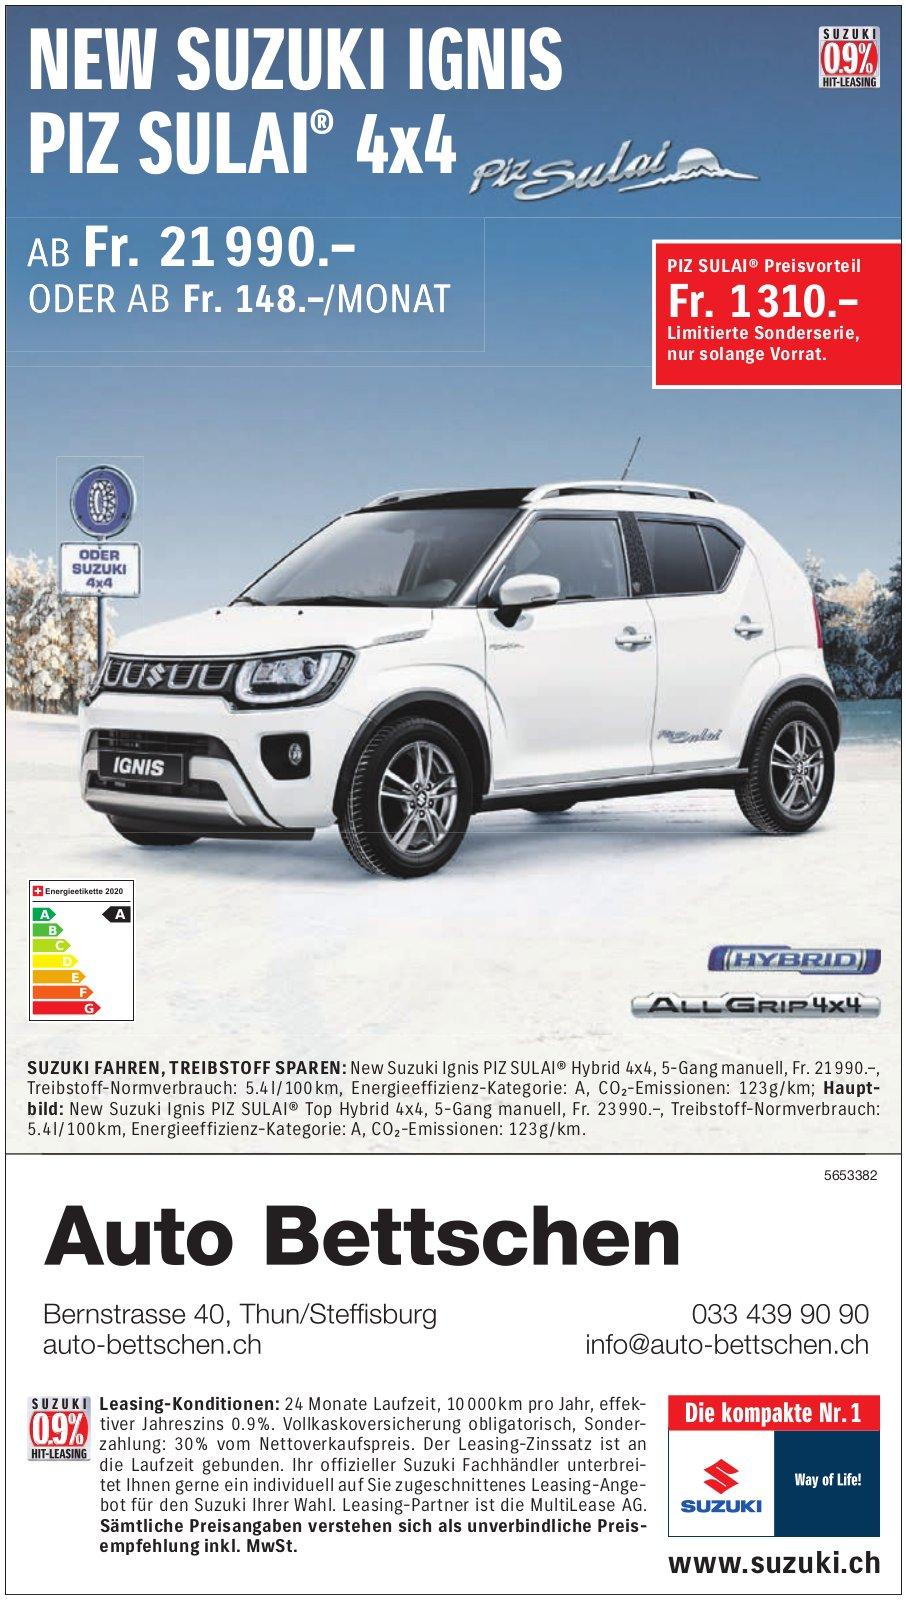 Auto Bettschen, Thun/Steffisburg - New SUZUKI IGNIS PIZ SULAI 4x4